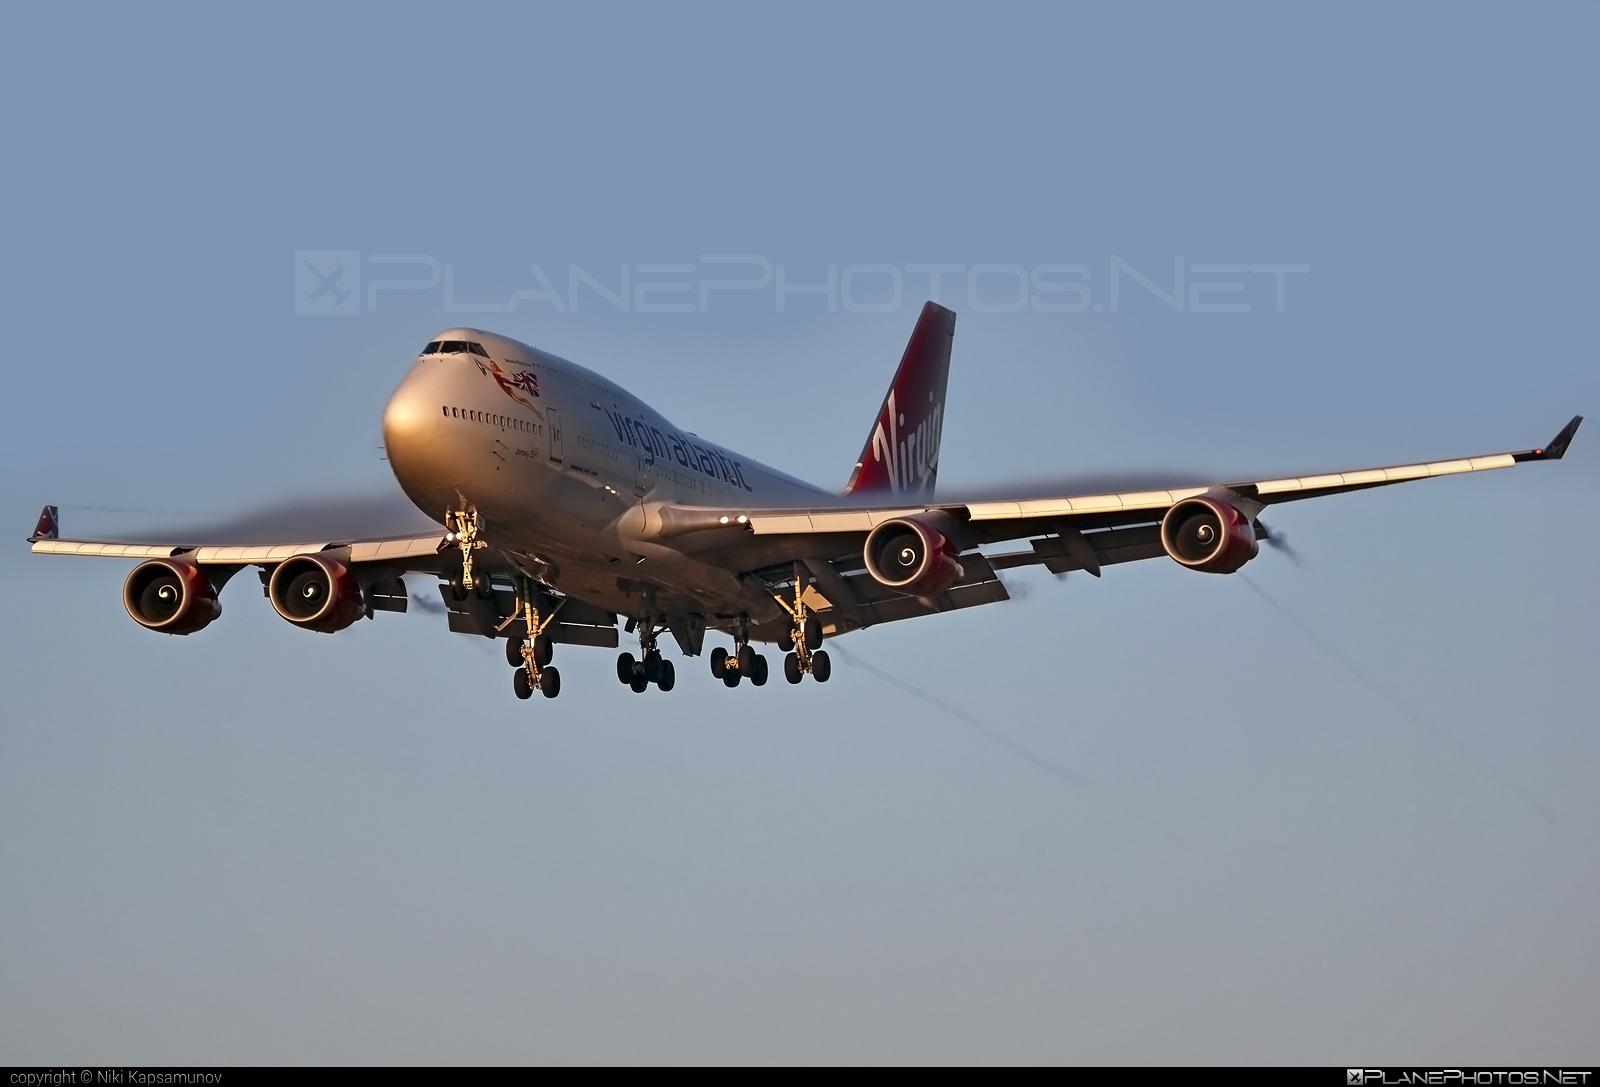 Boeing 747-400 - G-VGAL operated by Virgin Atlantic Airways #b747 #boeing #boeing747 #jumbo #virginatlantic #virginatlanticairways